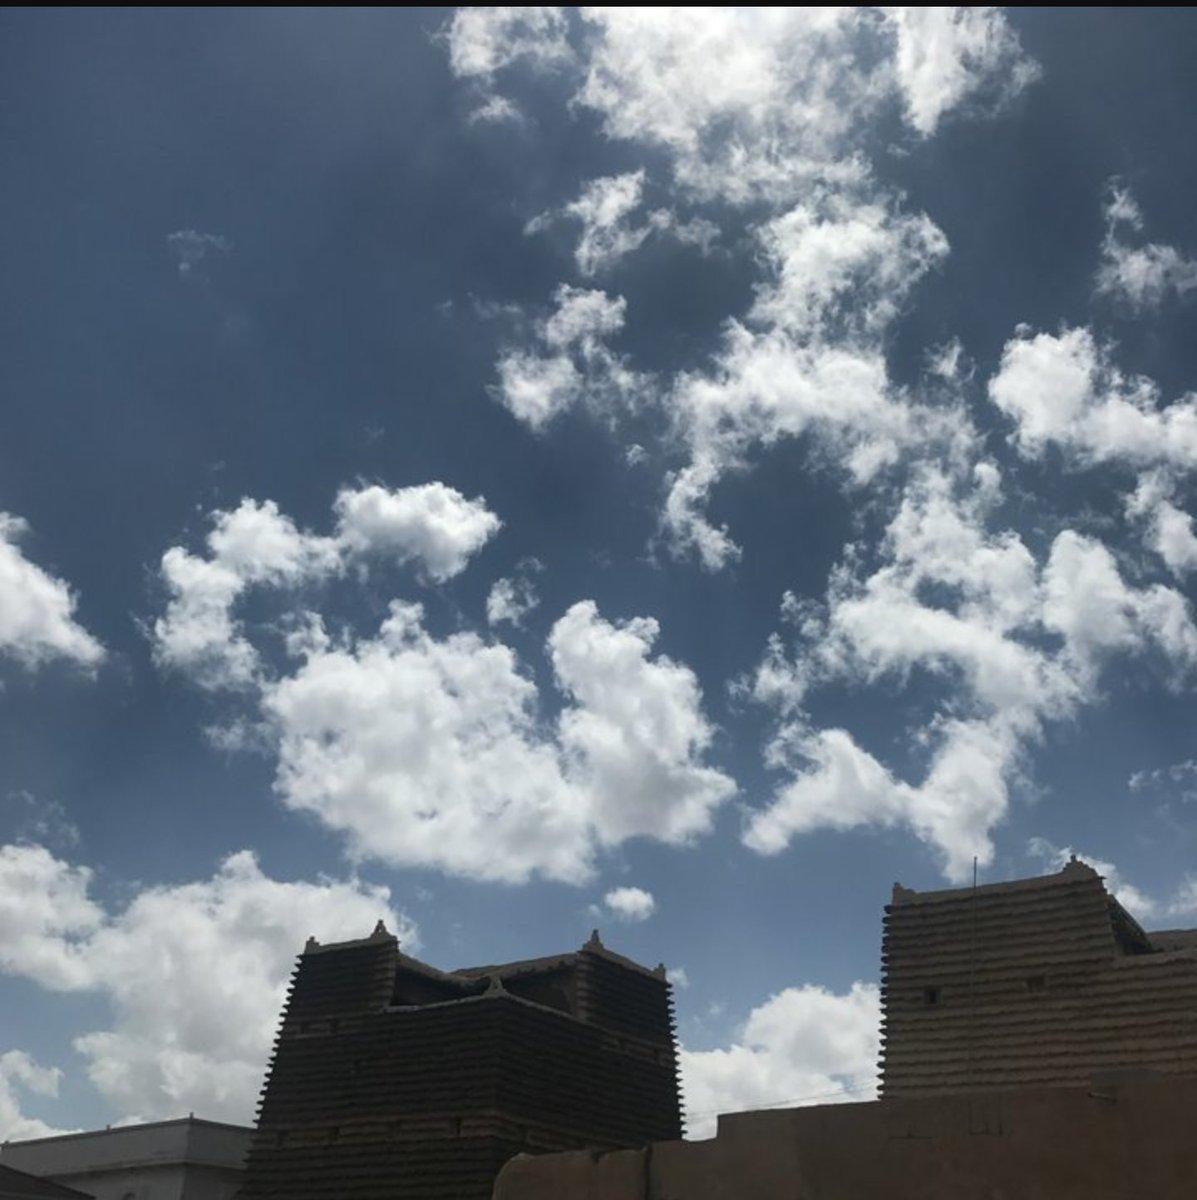 عندما تتعانق السماء مع عبق الماضي https://t.co/uwyyrpL5H1